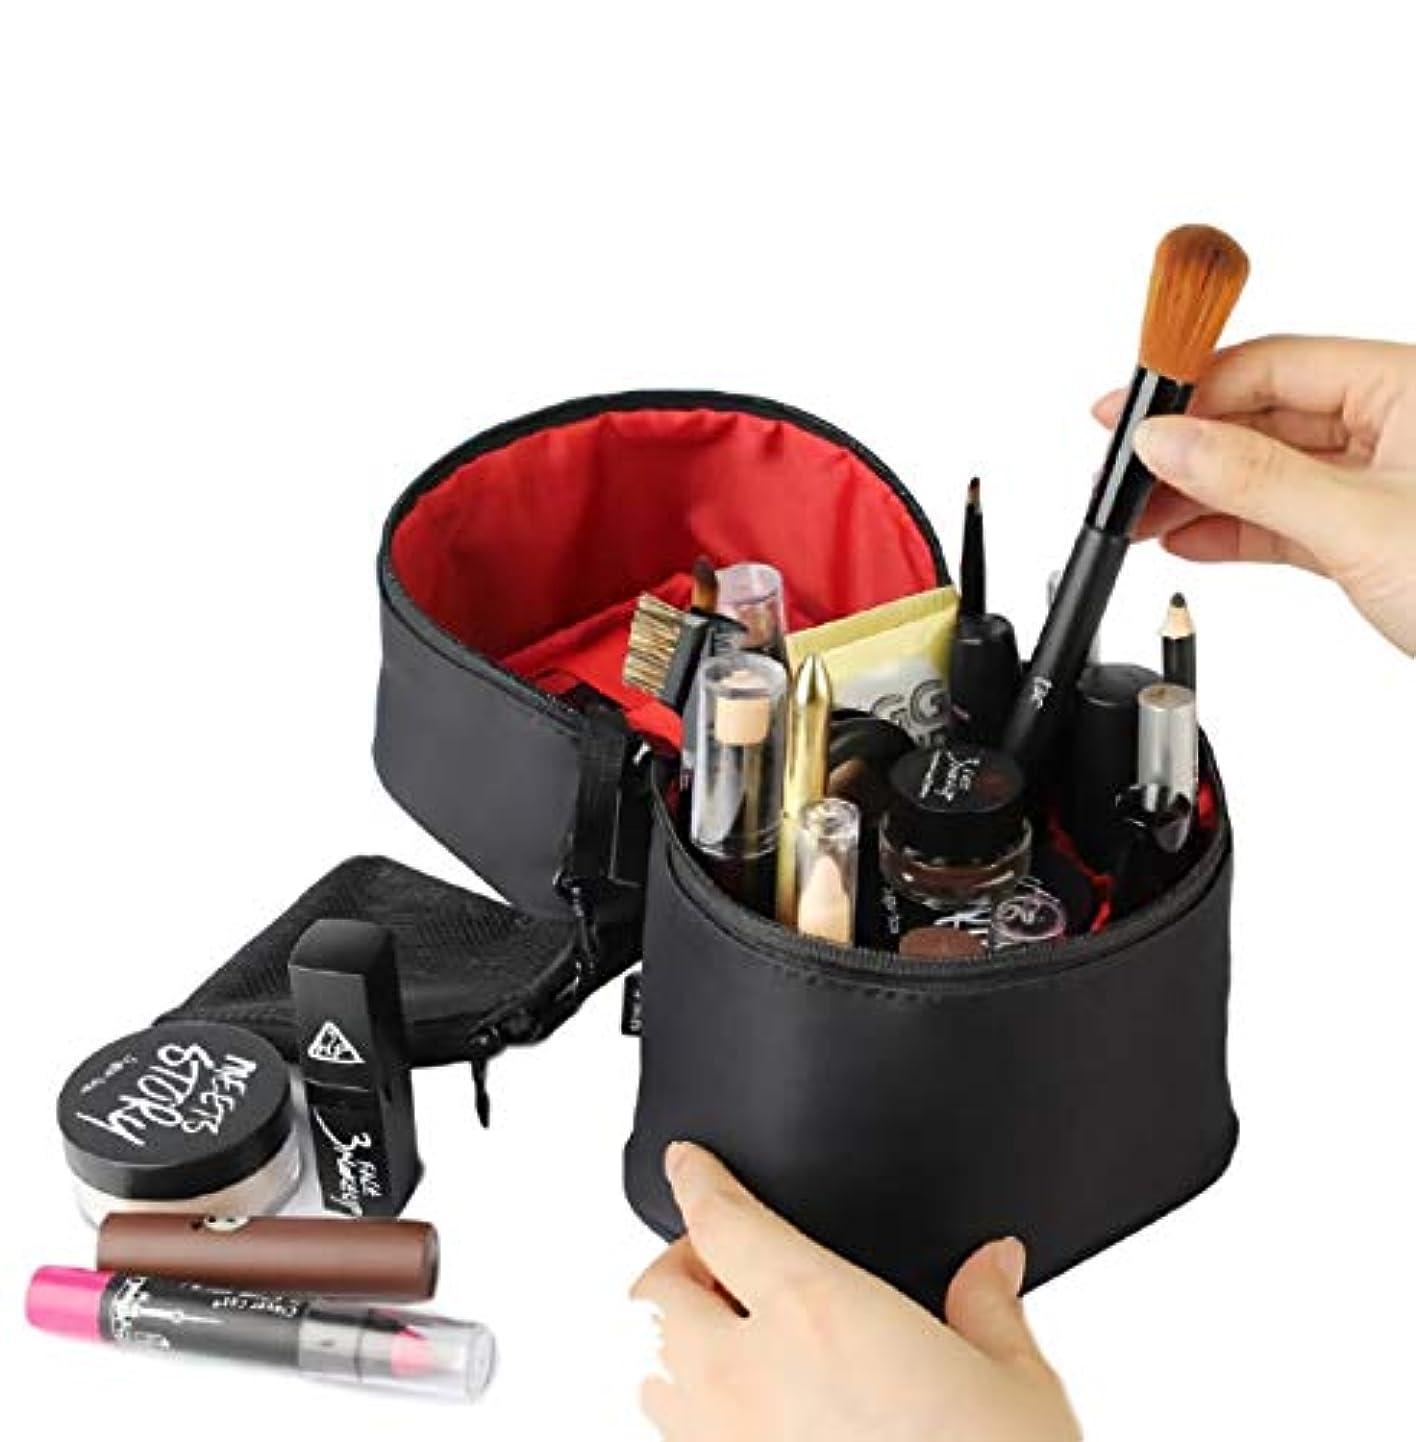 [ウレギッシュ] コスメボックス 化粧ポーチ コンパクト 仕分け 収納 縦型 メイク バニティーケース 大容量 (ブラック イン レッド)